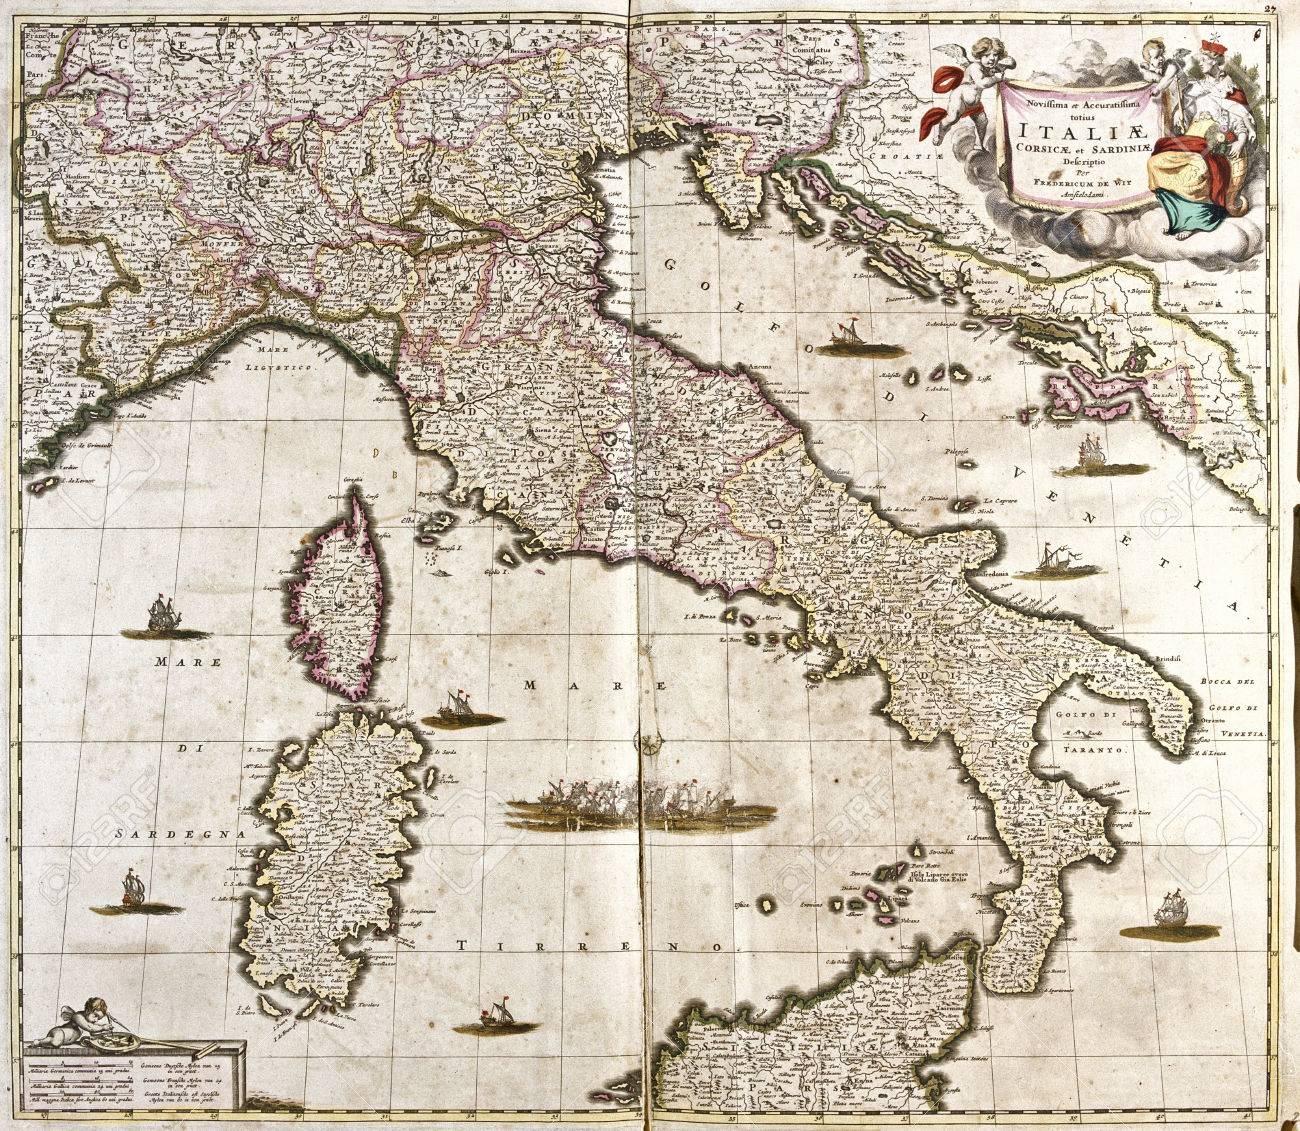 Mapa Corcega Y Cerdeña.El Viejo Mapa De Italia Con Corcega Y Cerdena